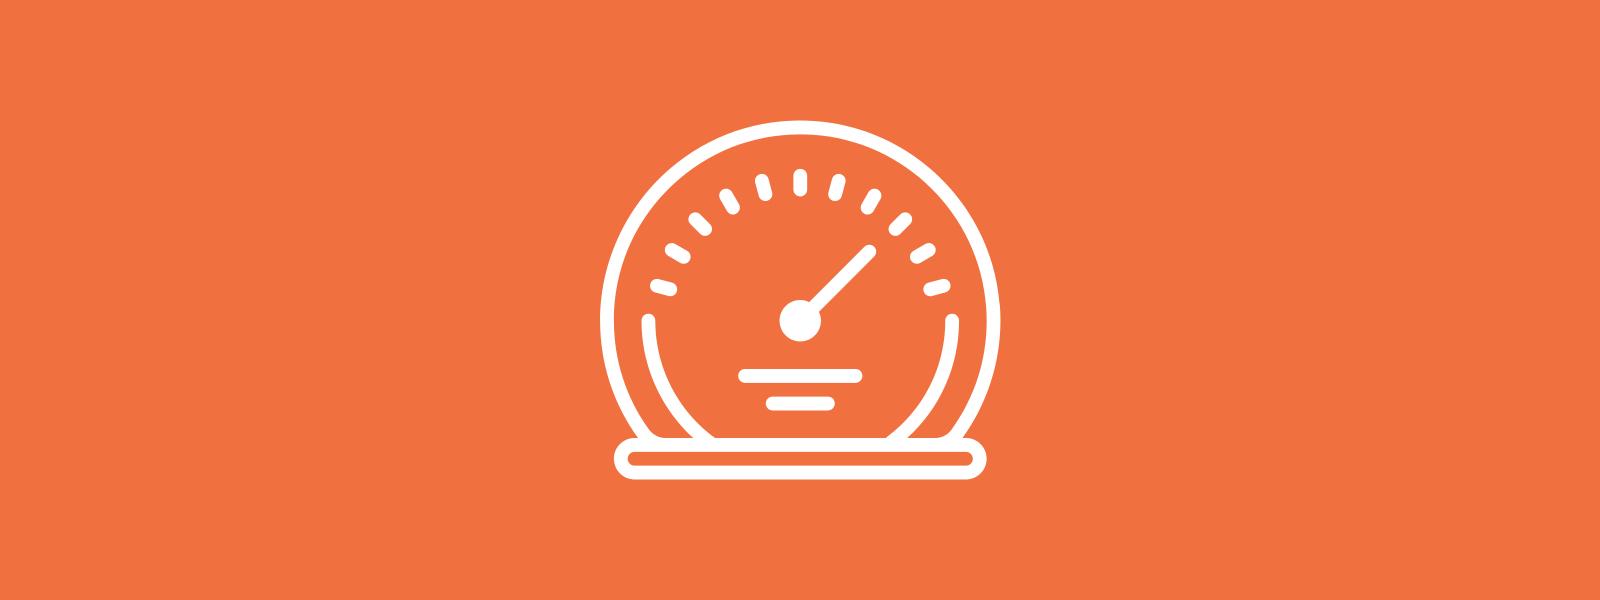 Icon background of speedometer